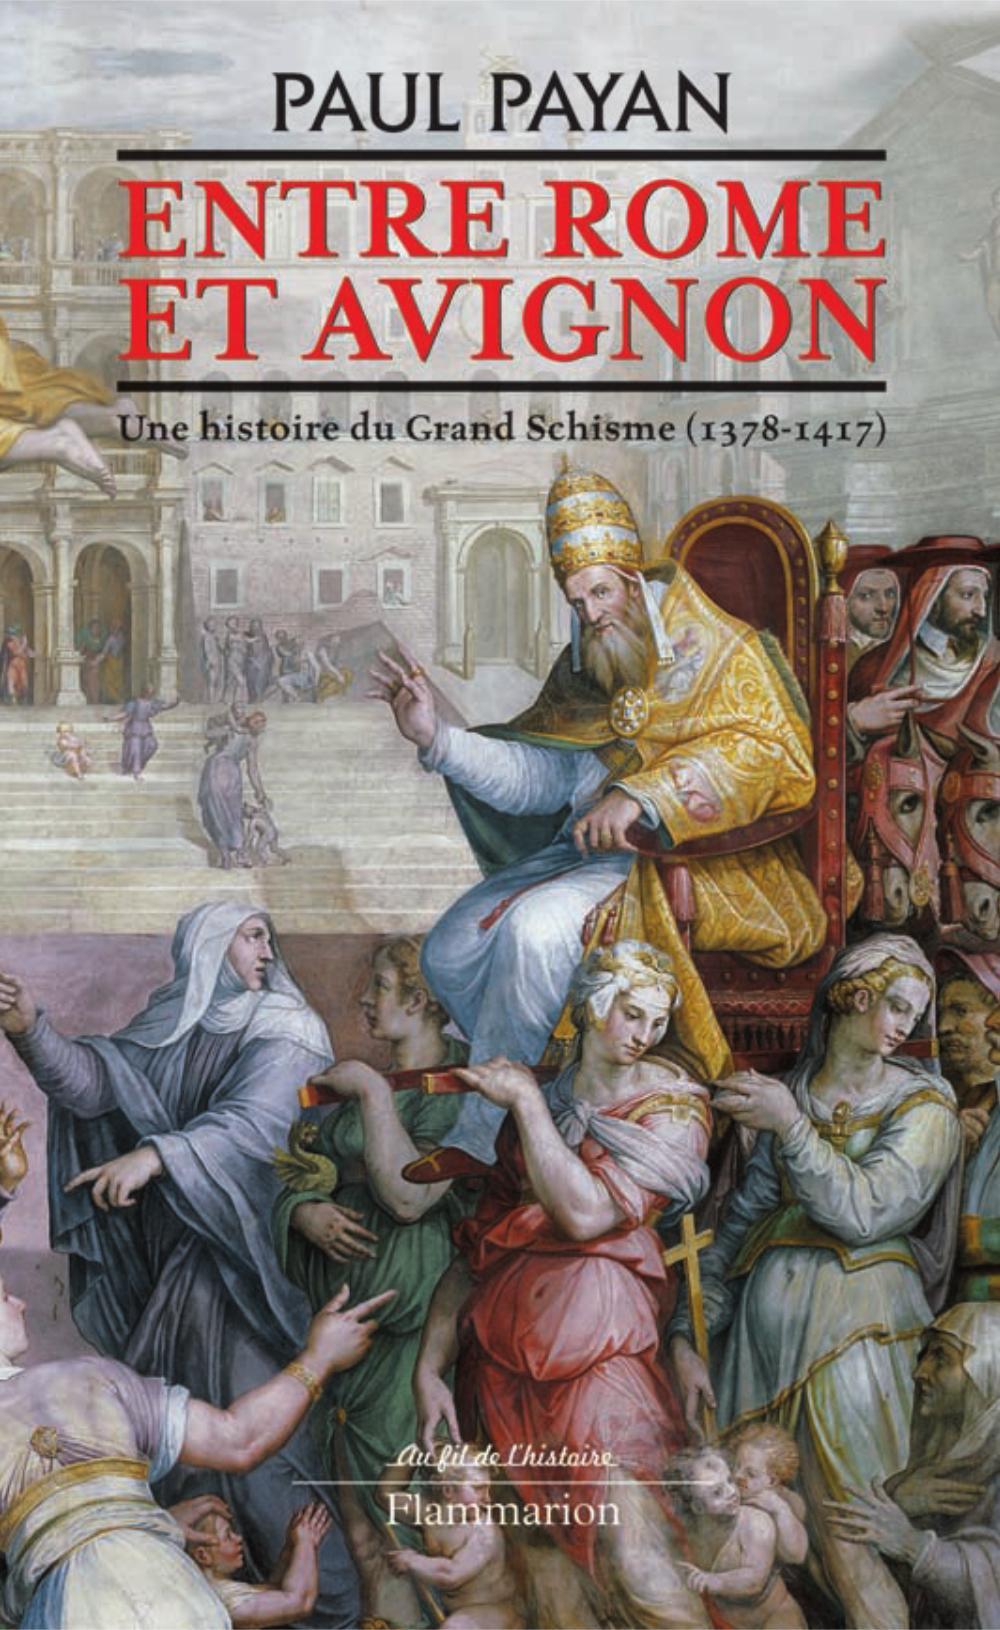 Entre Rome et Avignon